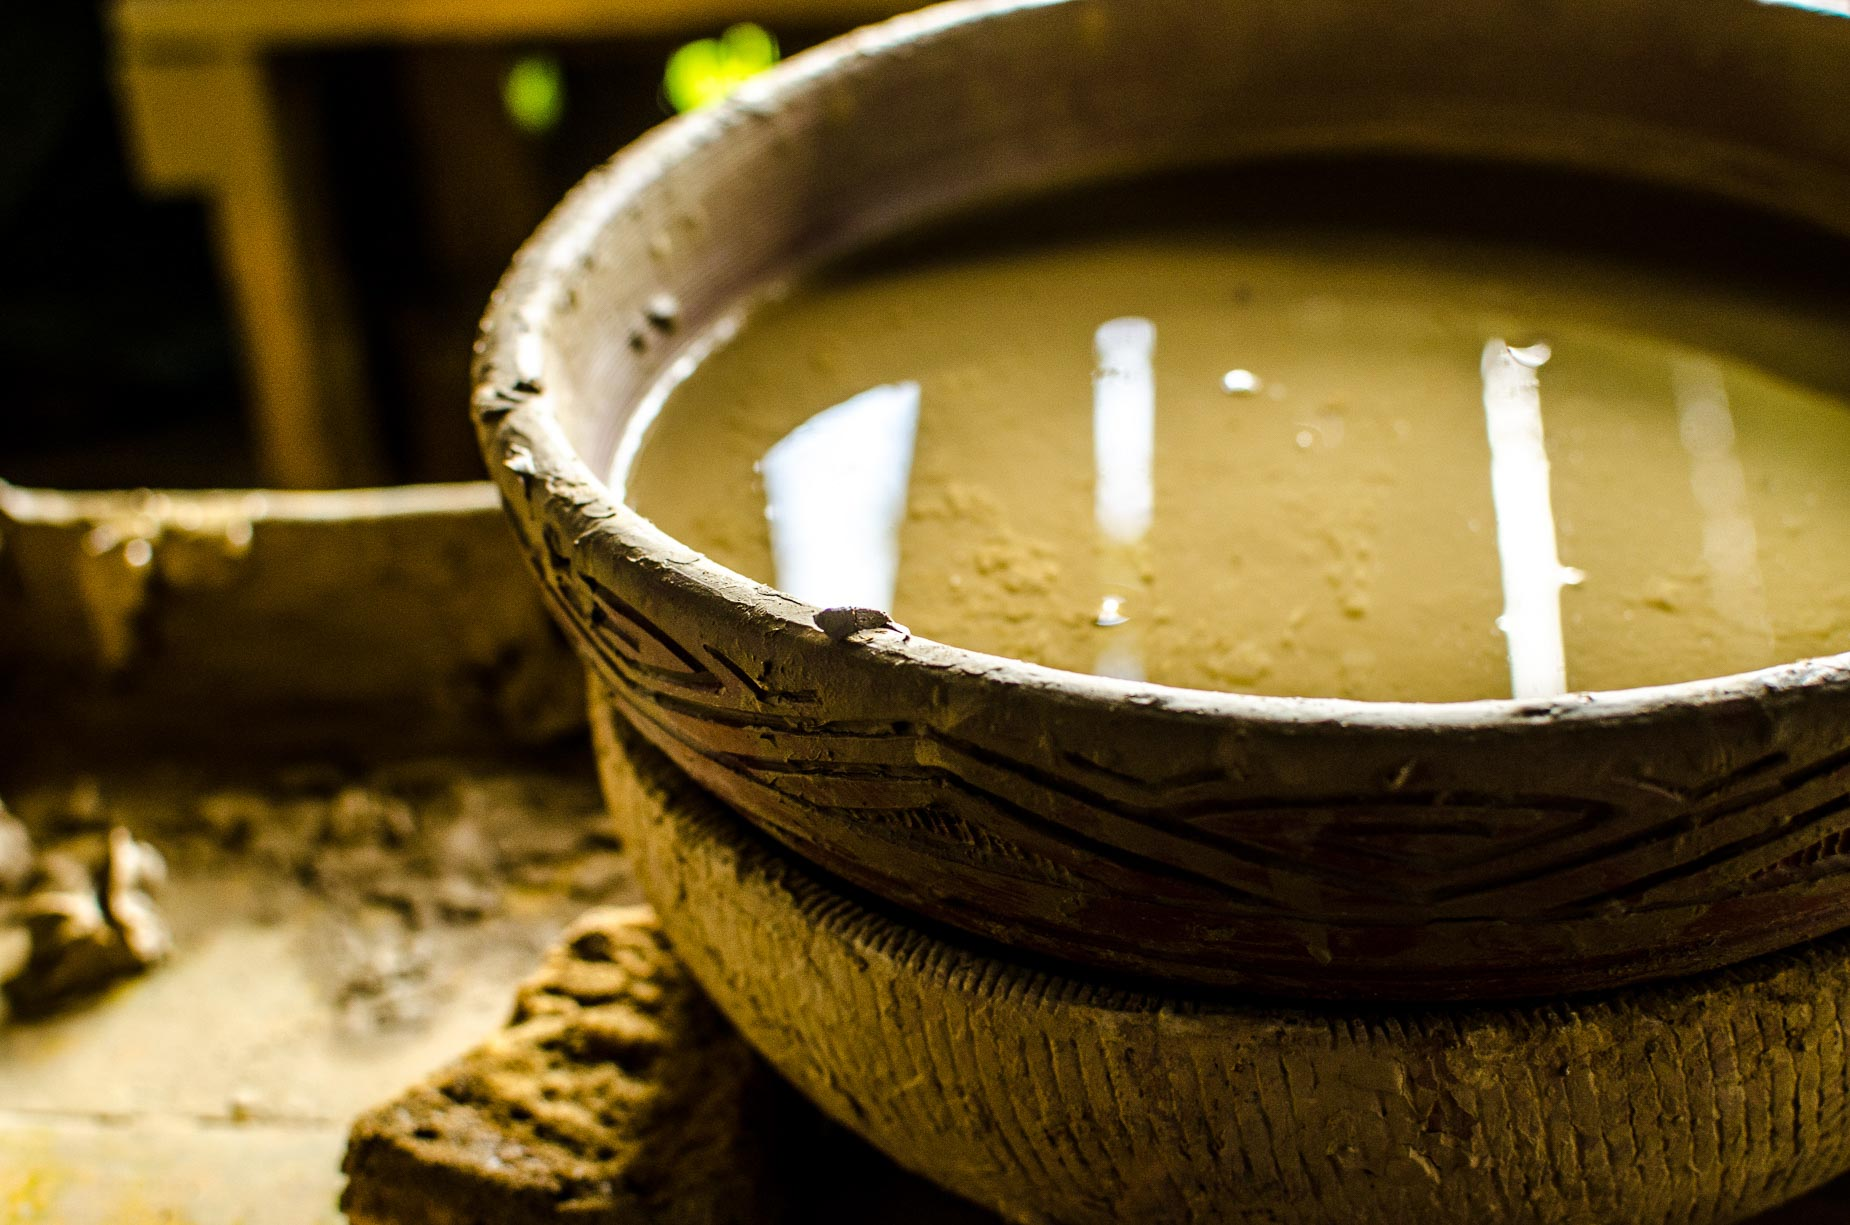 Cerâmica - Icoaraci - Pará